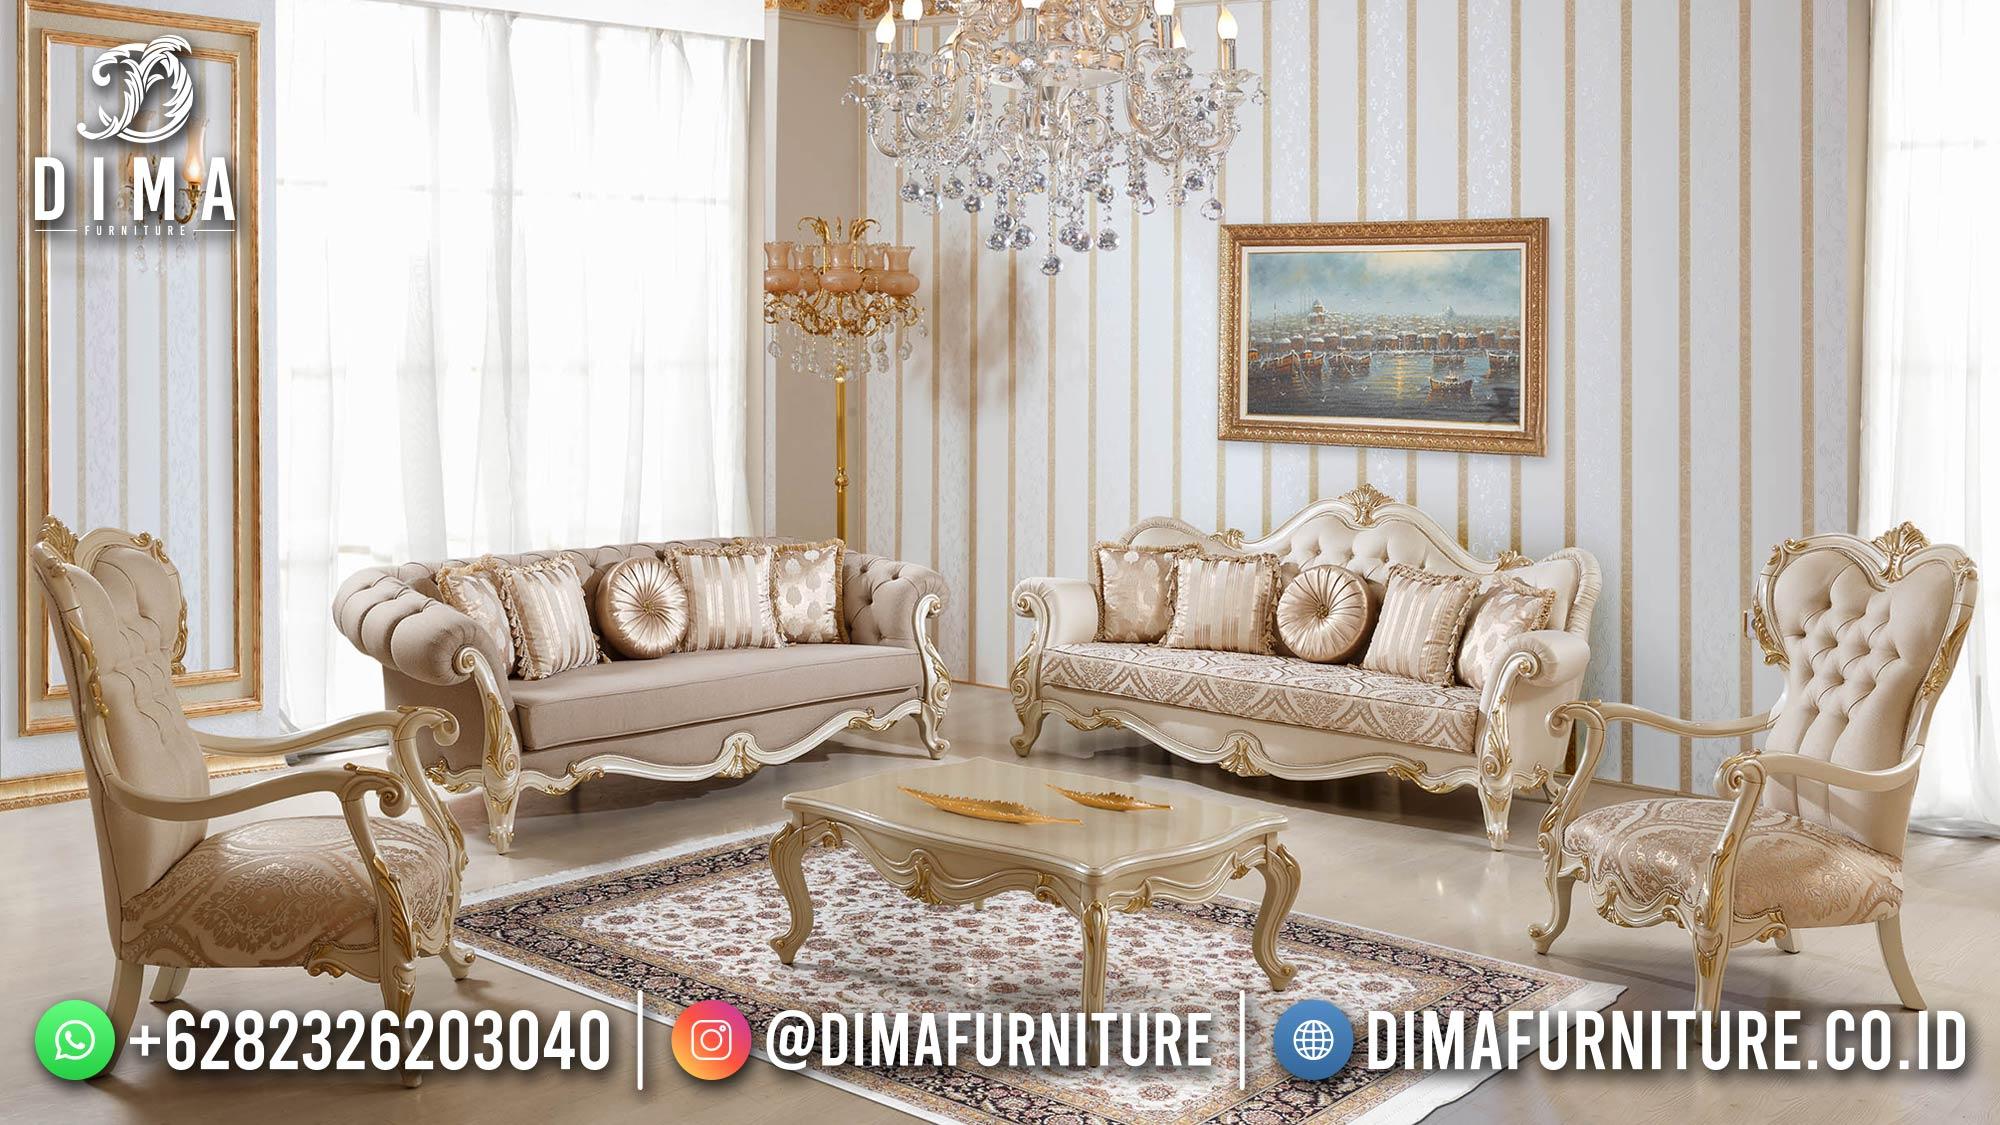 For Sale Sofa Tamu Jepara Terbaru Elegant Style Best Furniture Jepara ST-1433